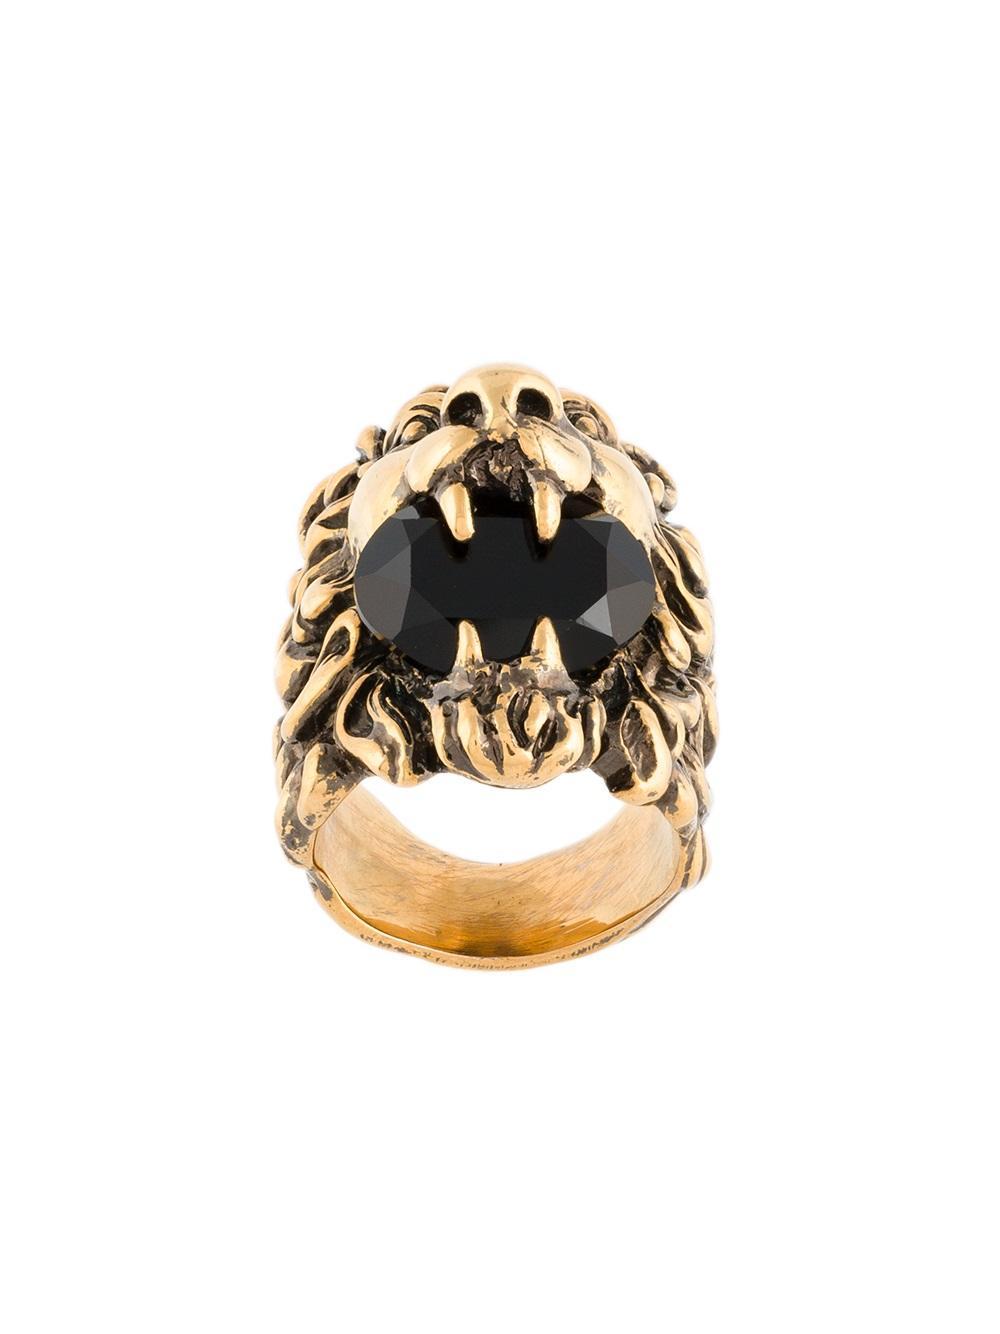 Acheter bijoux gucci pas cher 36a46651f5c